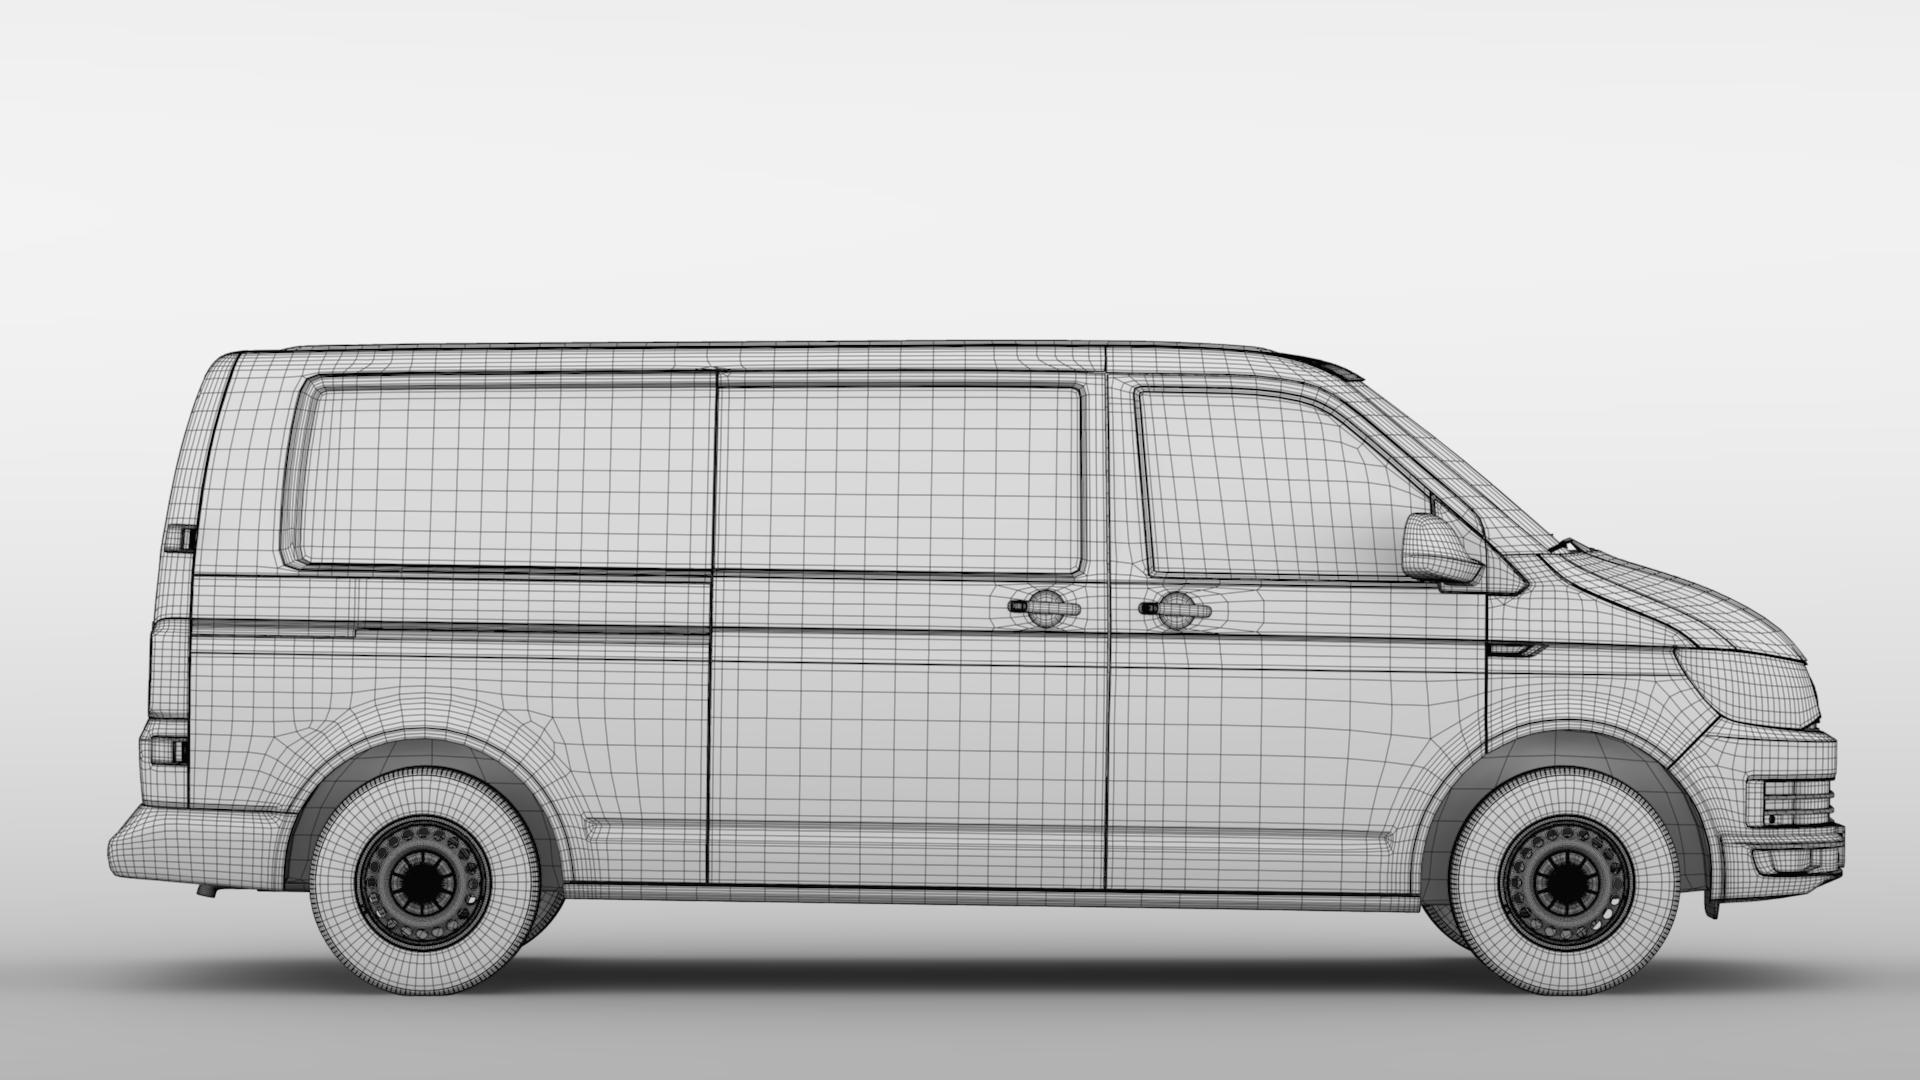 volkswagen nəqliyyat vasitəsi van l2h1 t6 2017 3d model max fbx c4d lwo ma mb hrc xsi obj 275247